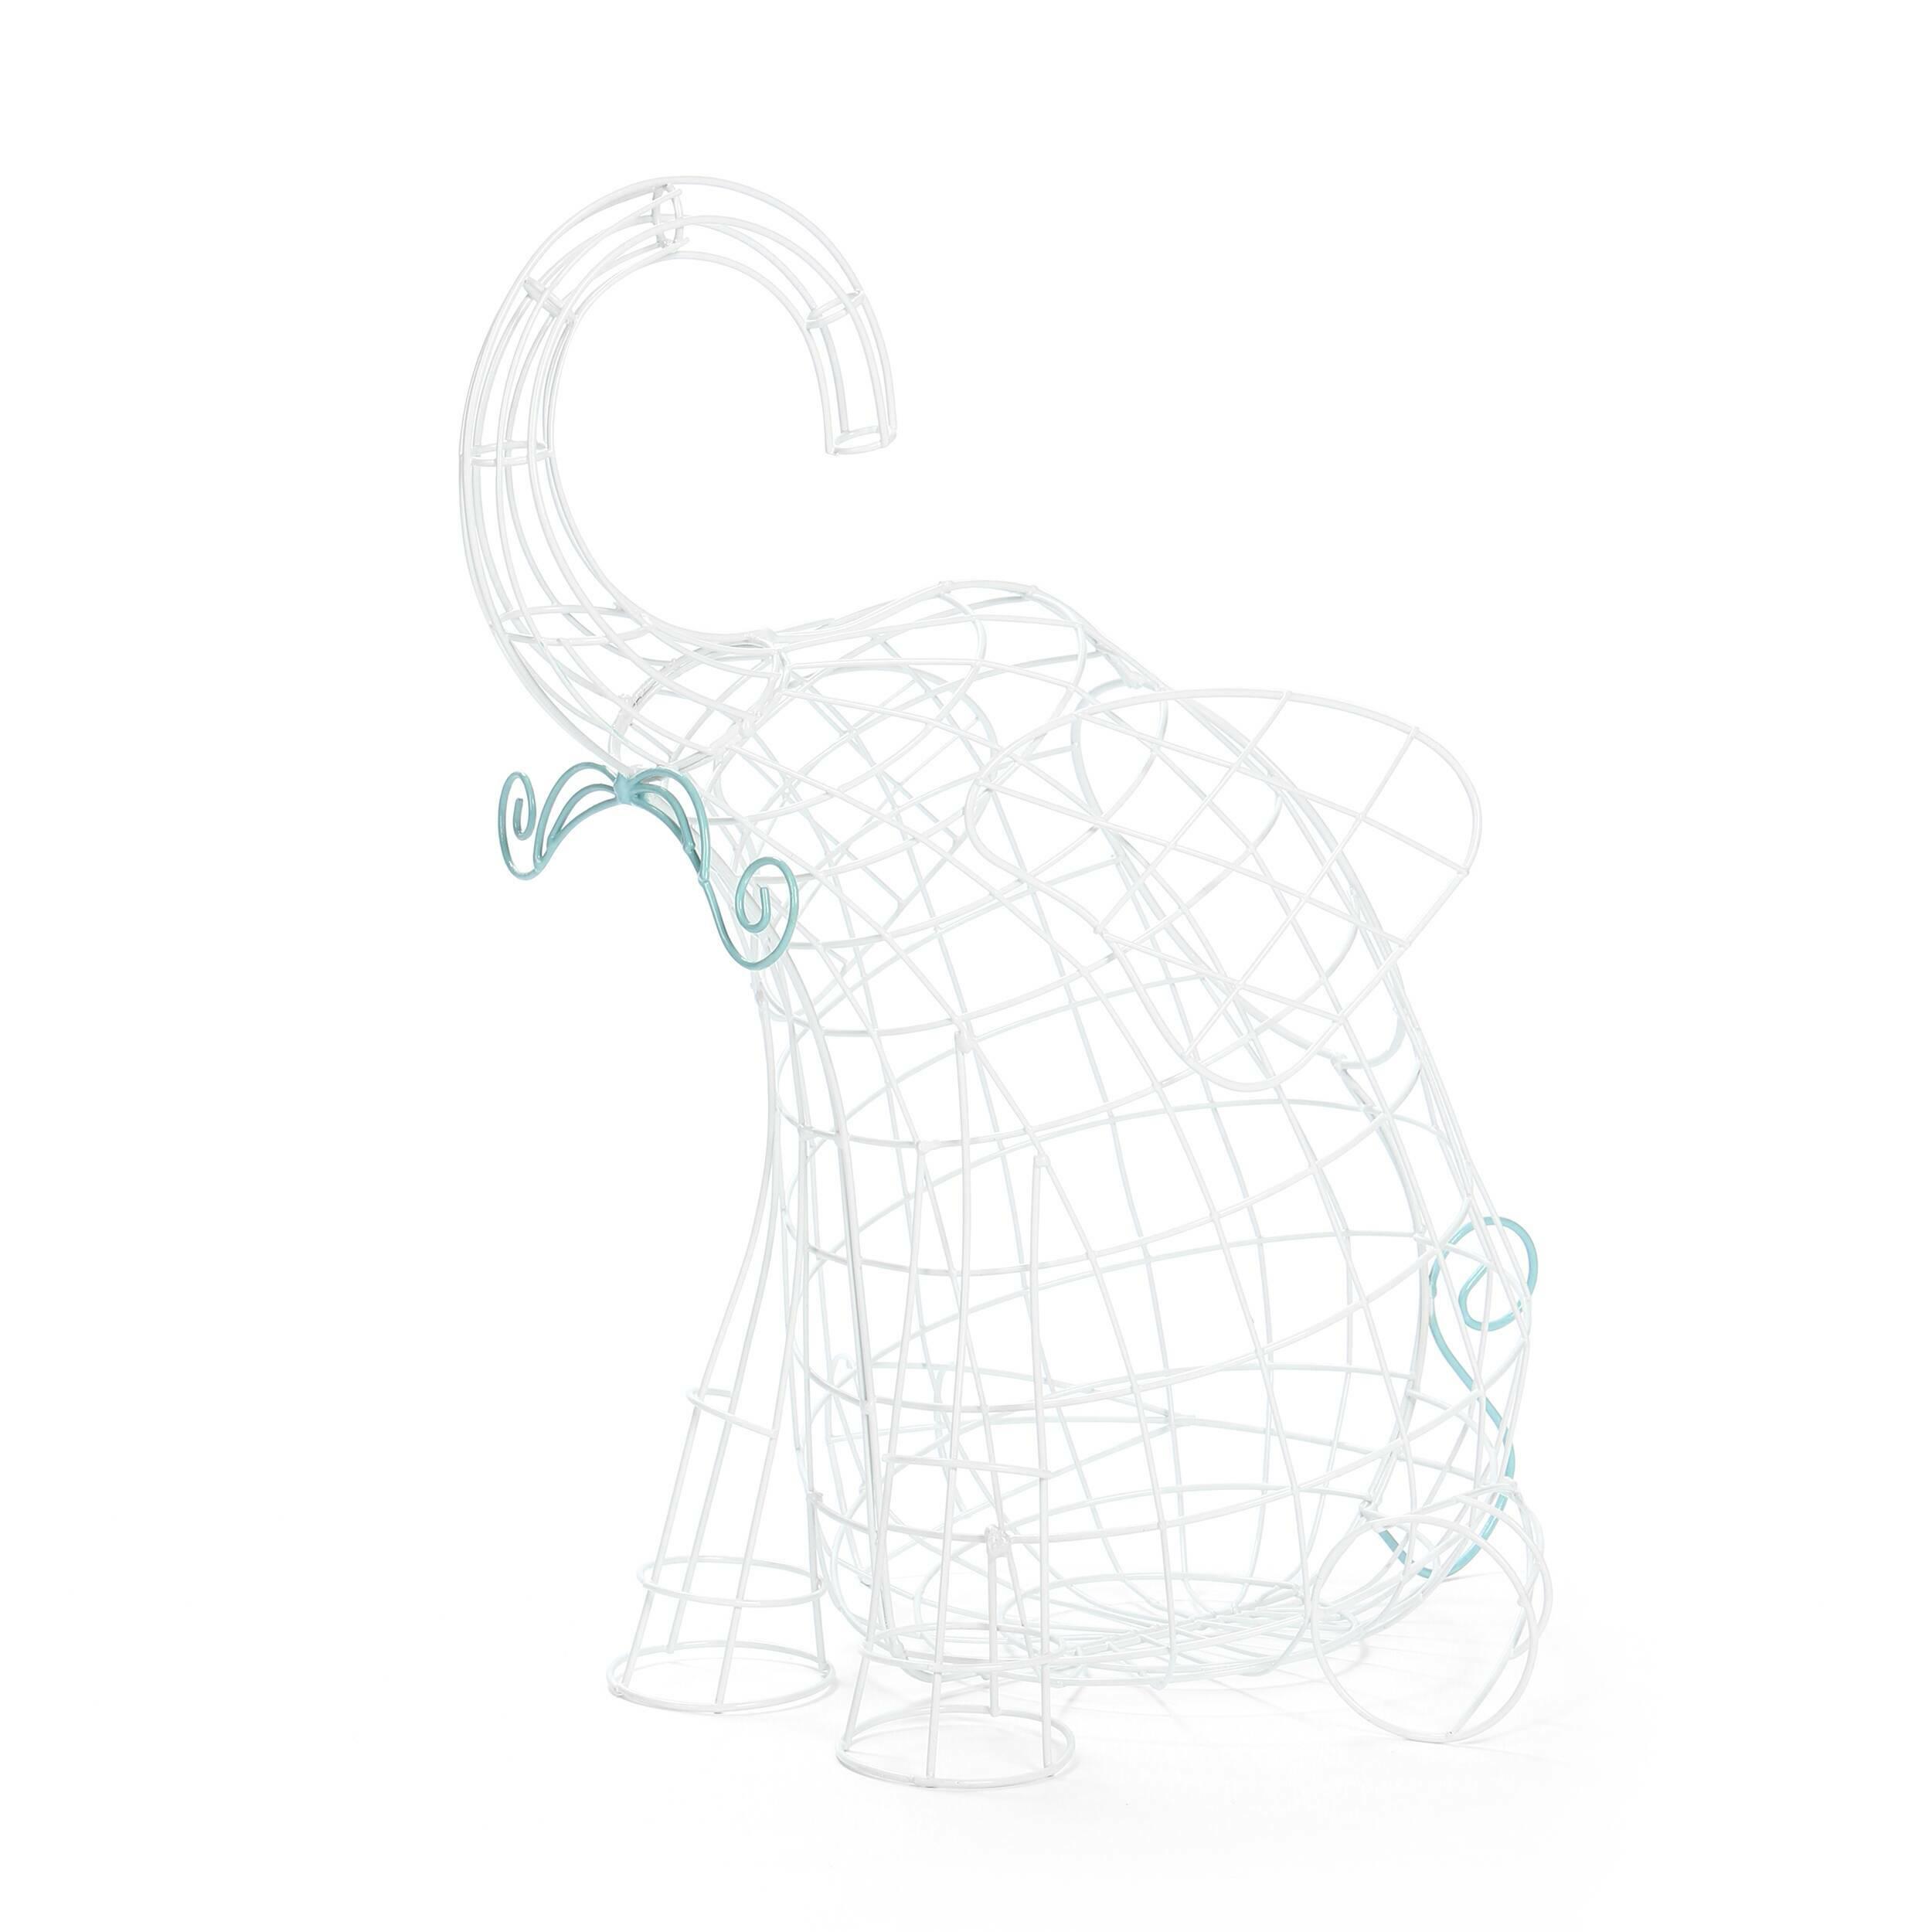 Корзина Fantastico Domestico ElephantРазное<br>Дизайнерская белая корзина для хранения Fantastico Domestico Elephant (Фонтастико Доместико Элефан) из тонких прутьев в форме слона от Seletti (Селетти).<br><br><br><br> Корзина Fantastico Domestico Elephant из серии корзин Domestico Fantastico. Компания Seletti всегда подходит неординарно к созданию коллекций товаров бытового назначения. «Ну, корзина, ну, для фруктов. Давайте ее сделаем пингвином! Или свиньей? Кроликом! А лучше всеми сразу!» Видно, так и получились с корзинами Domestico Fantastico, ...<br><br>stock: 2<br>Высота: 51<br>Ширина: 39<br>Материал: Металл<br>Цвет: Белый<br>Длина: 60